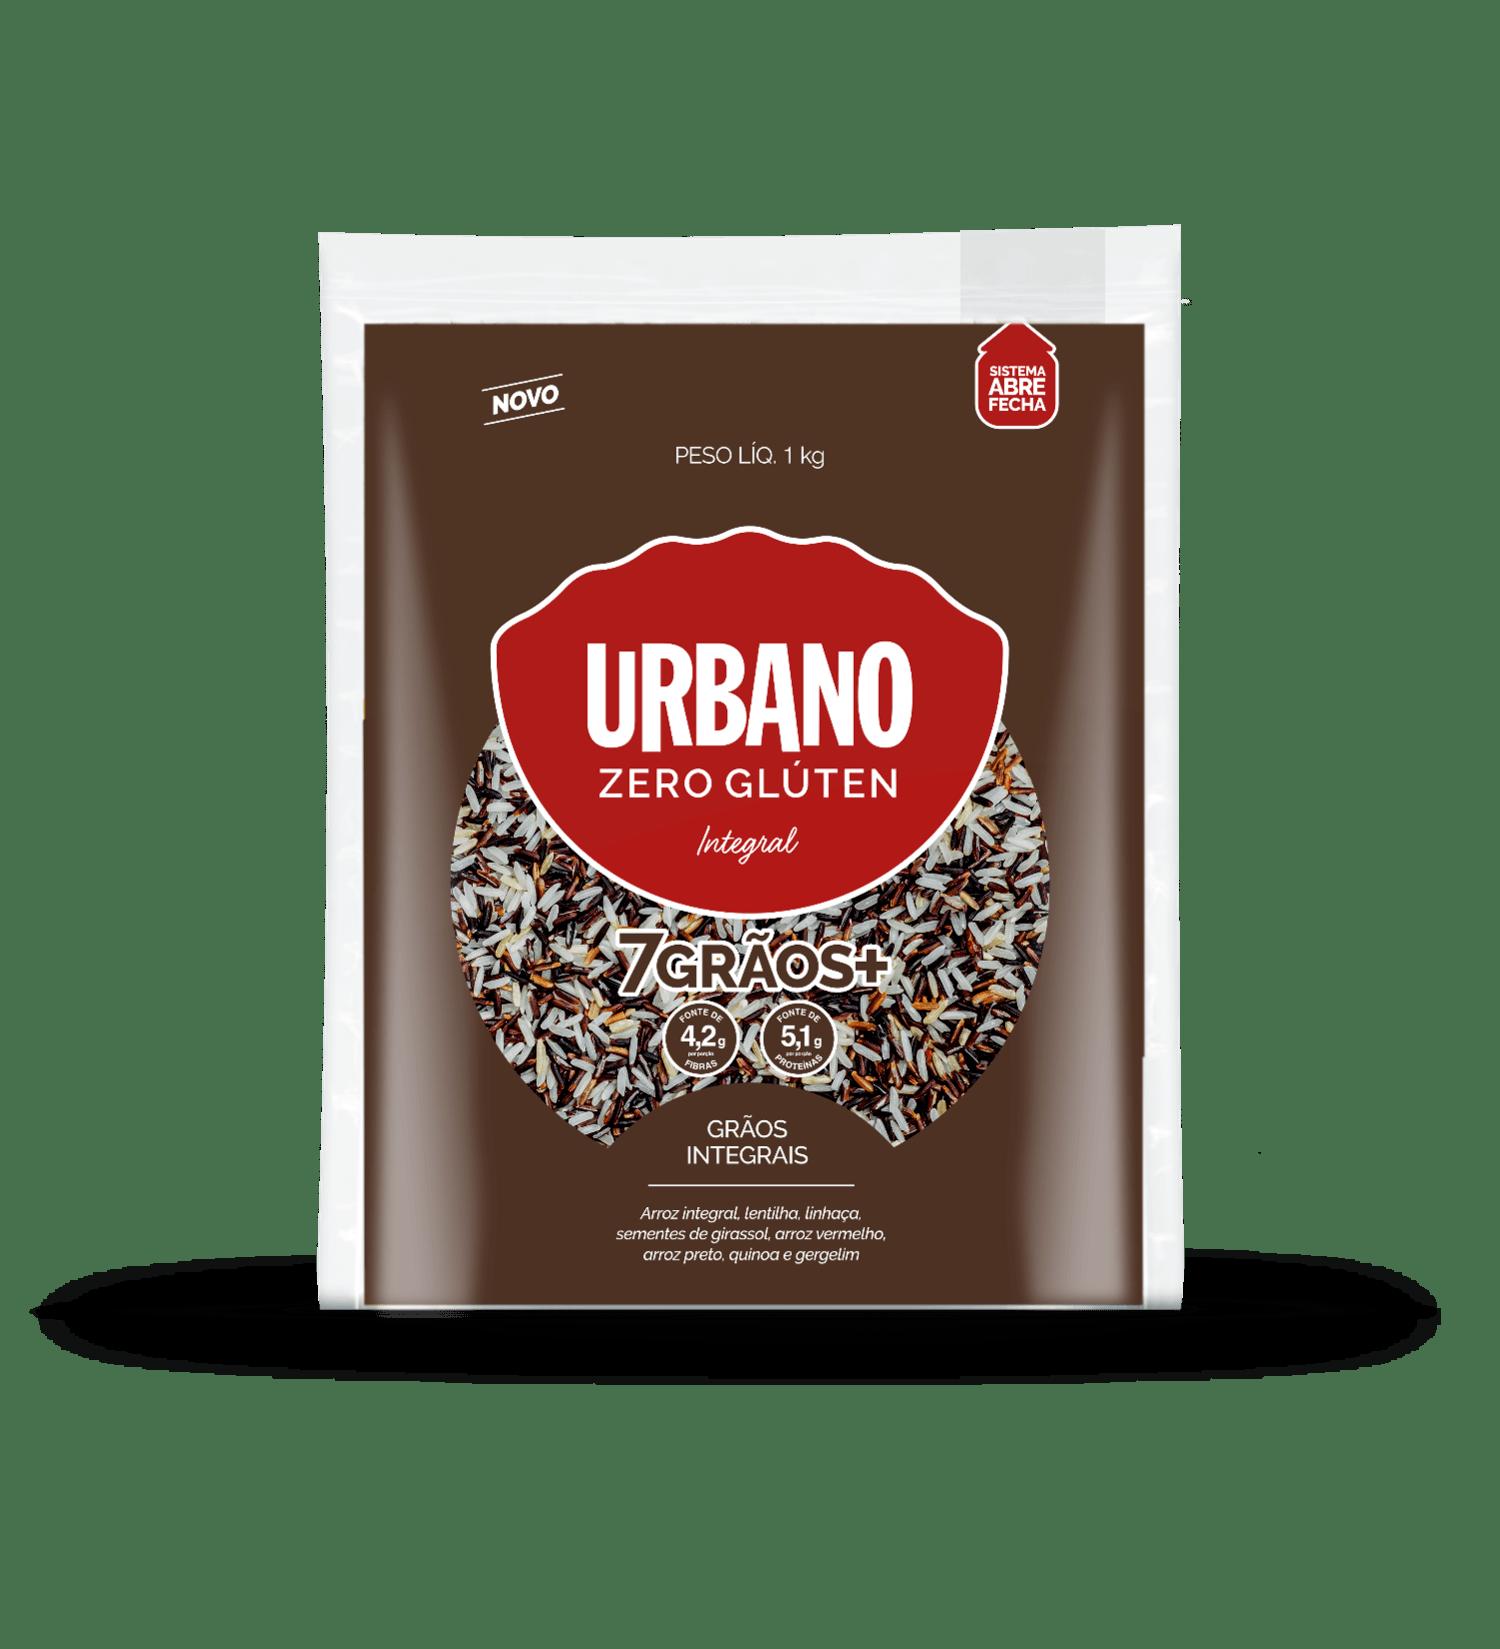 Arroz 7 grãos integrais Urbano 1Kg